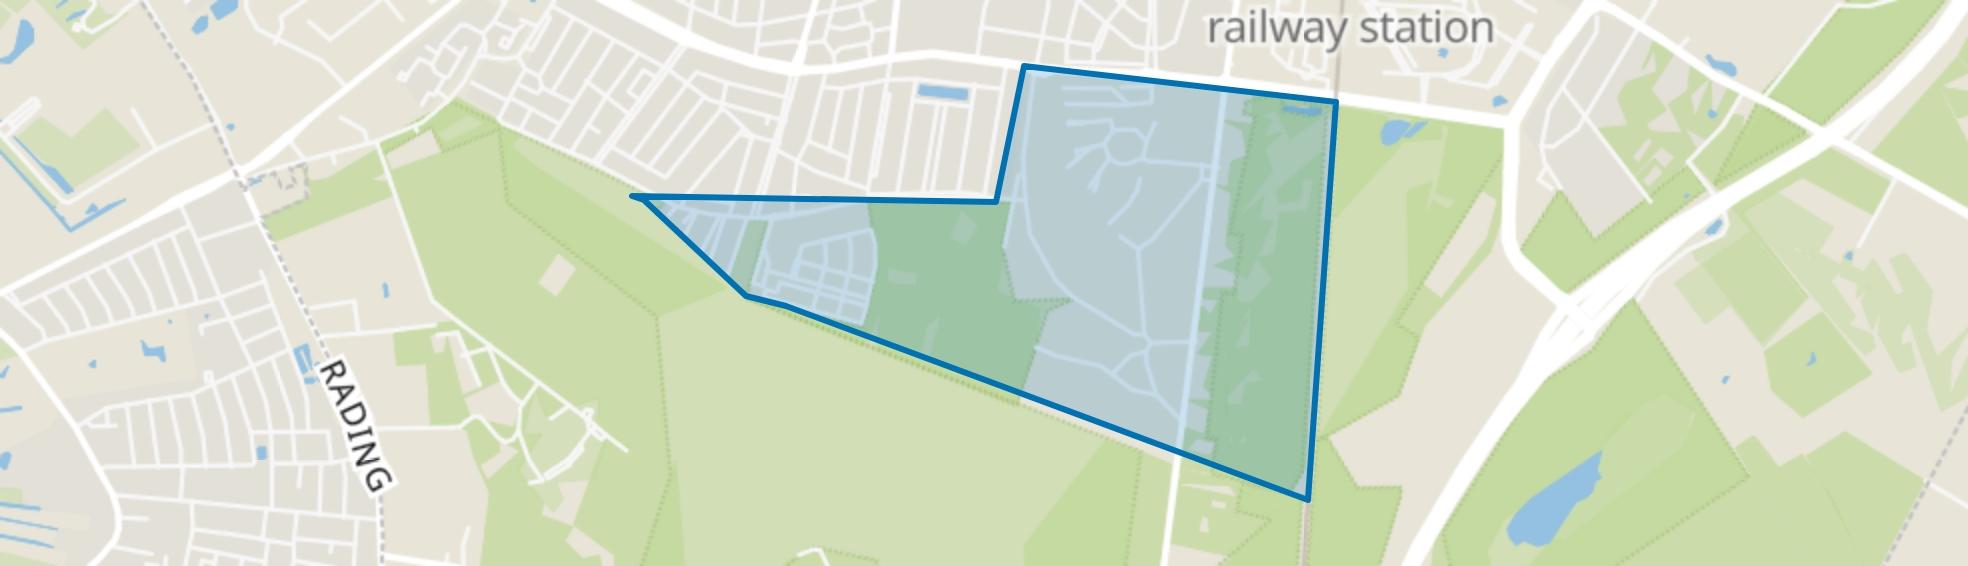 't Hoogt van 't Kruis, Hilversum map